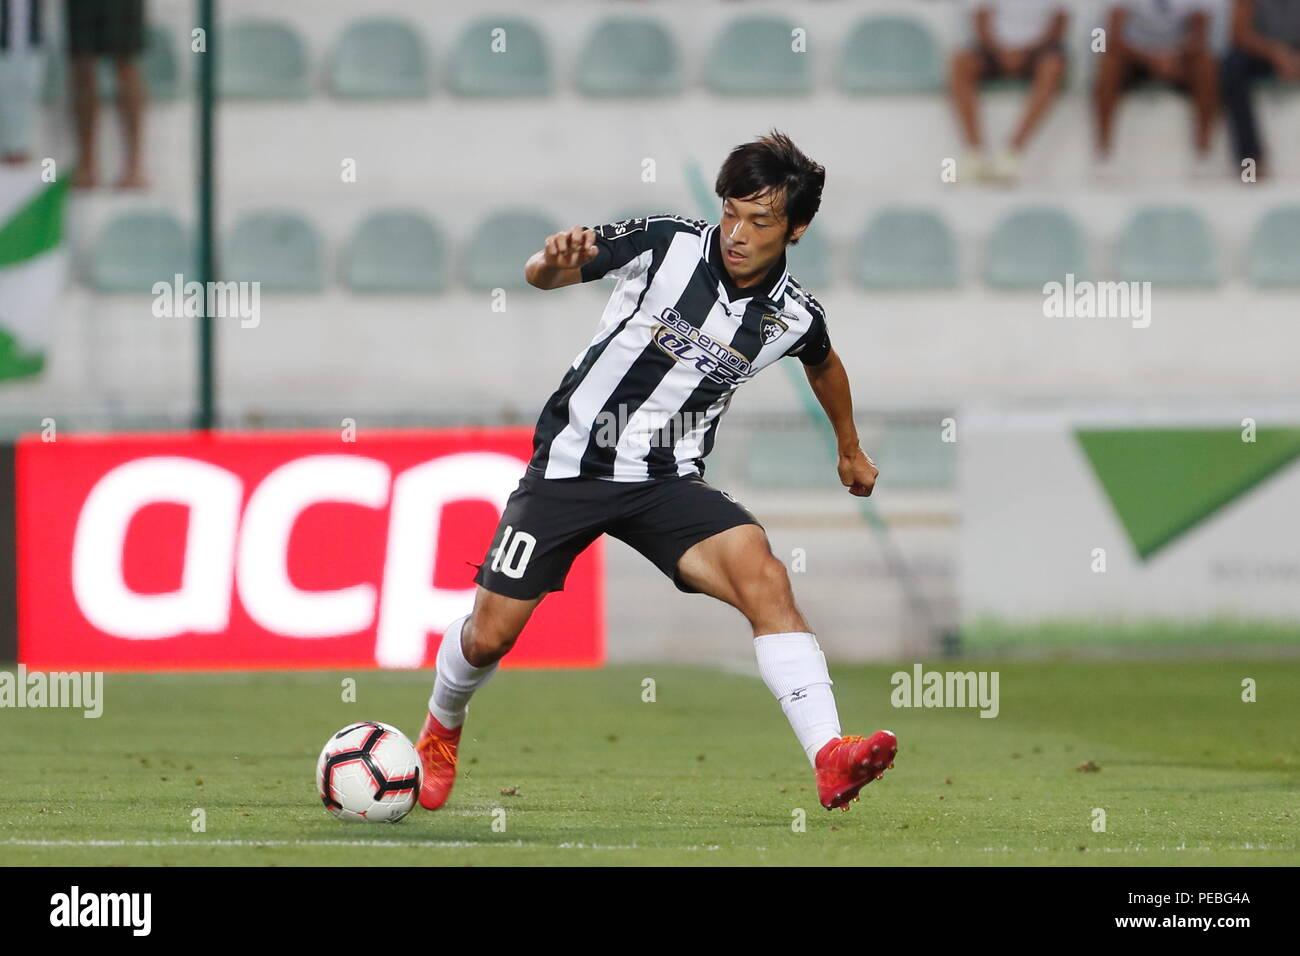 https://c8.alamy.com/comppt/pebg4a/portimao-portugal-13-ago-2018-shoya-nakajima-portimonense-futebol-futebol-liga-portugal-alteracoes-correspondencia-entre-portimonense-sc-0-2-boavista-fc-no-estadio-municipal-de-portimao-em-portimao-portugal-credito-mutsu-kawamoriafloalamy-live-news-pebg4a.jpg